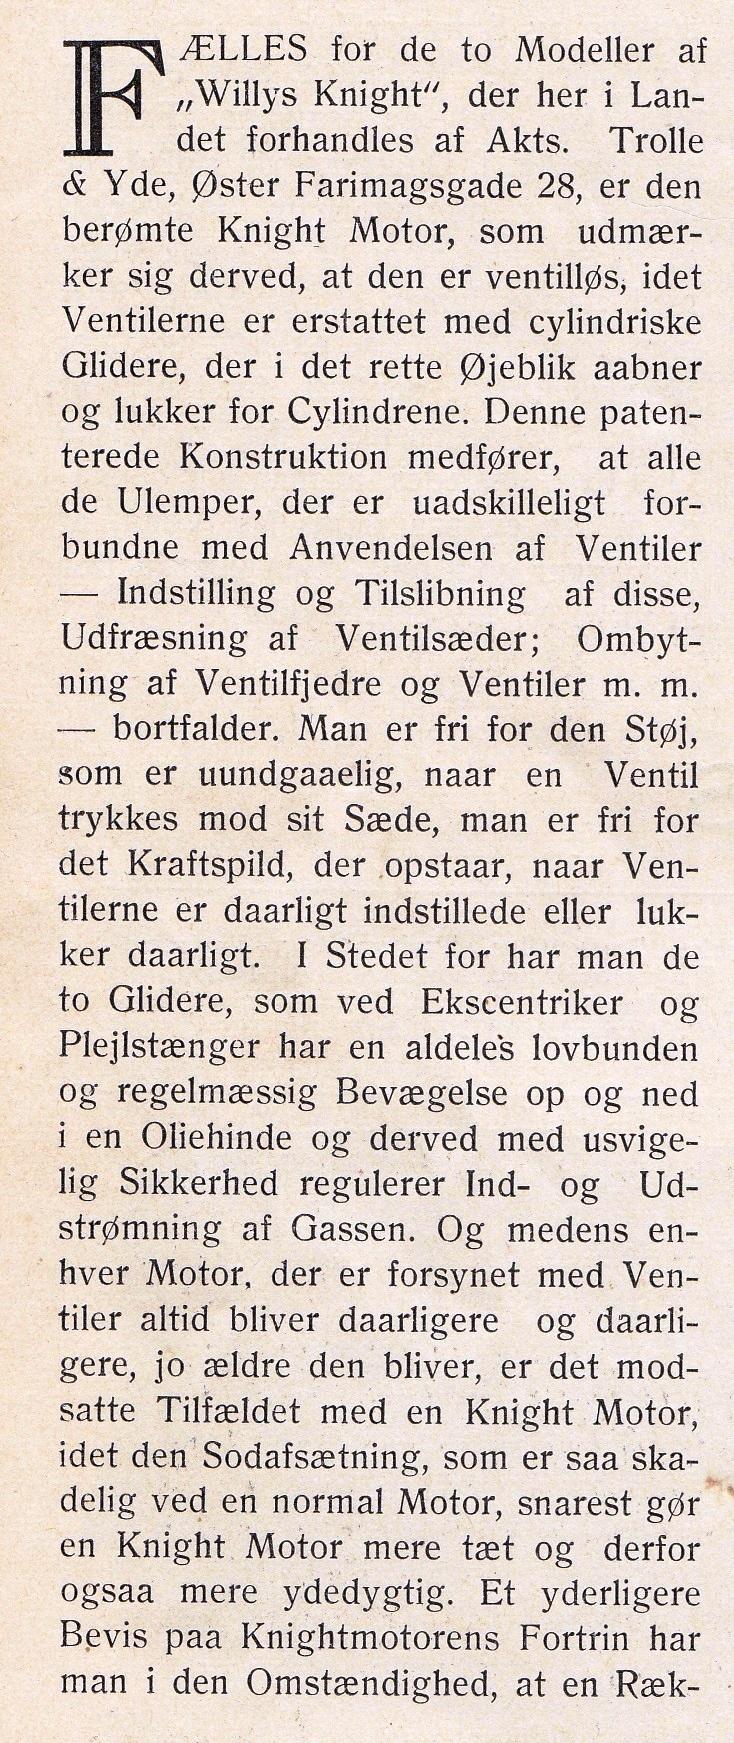 knight udstilling i FORUM i 1928 - Kopi (5)